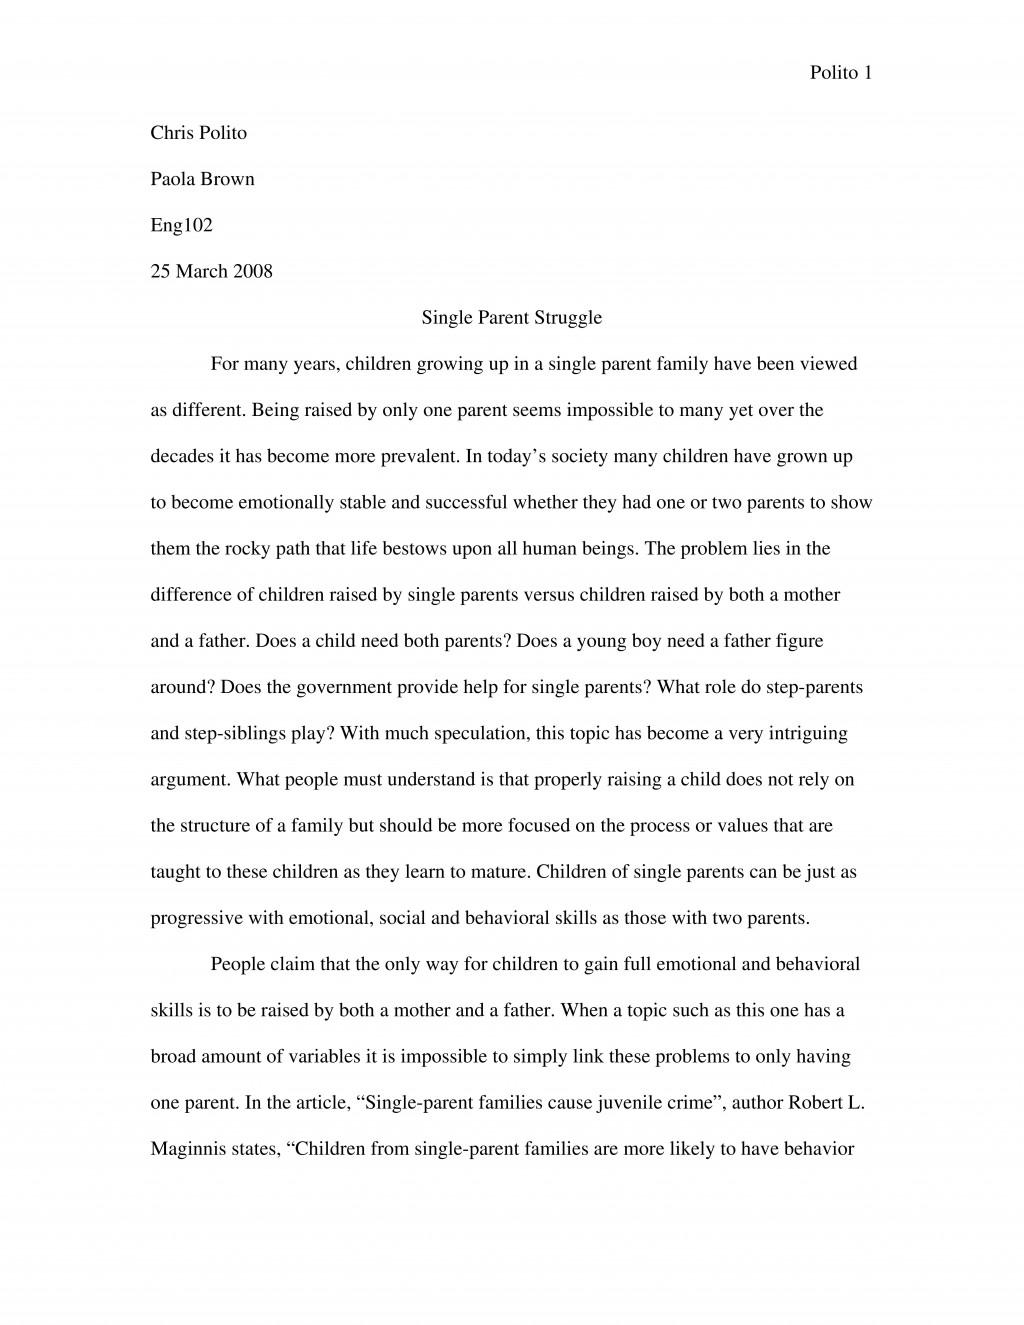 003 Rhetorical Essay Examples Example Unusual Analysis Ap Lang Strategies Large